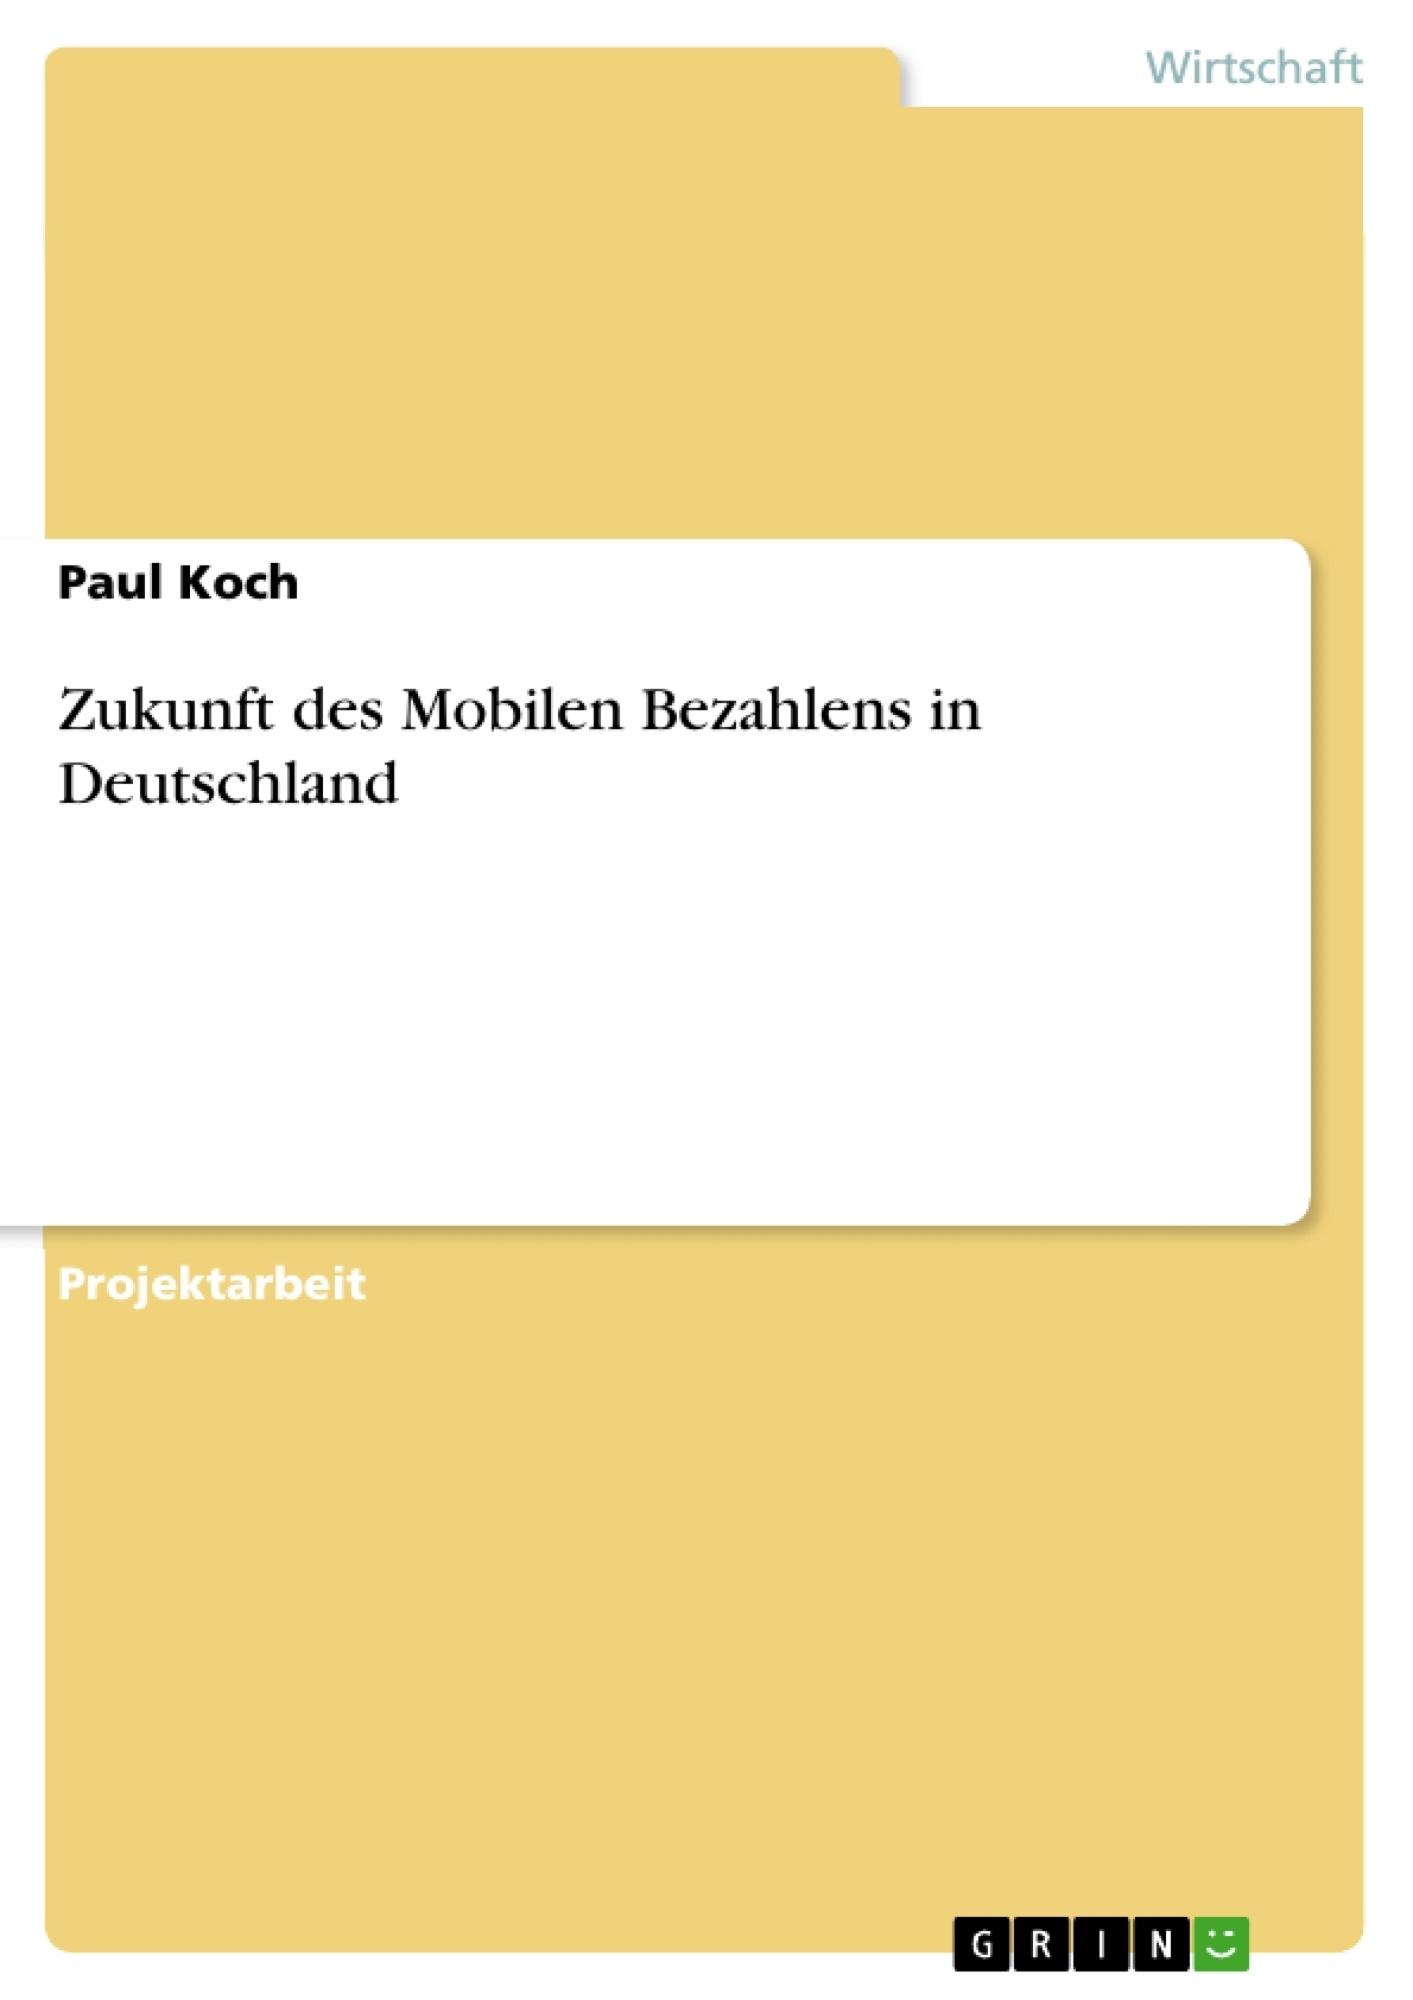 Titel: Zukunft des Mobilen Bezahlens in Deutschland